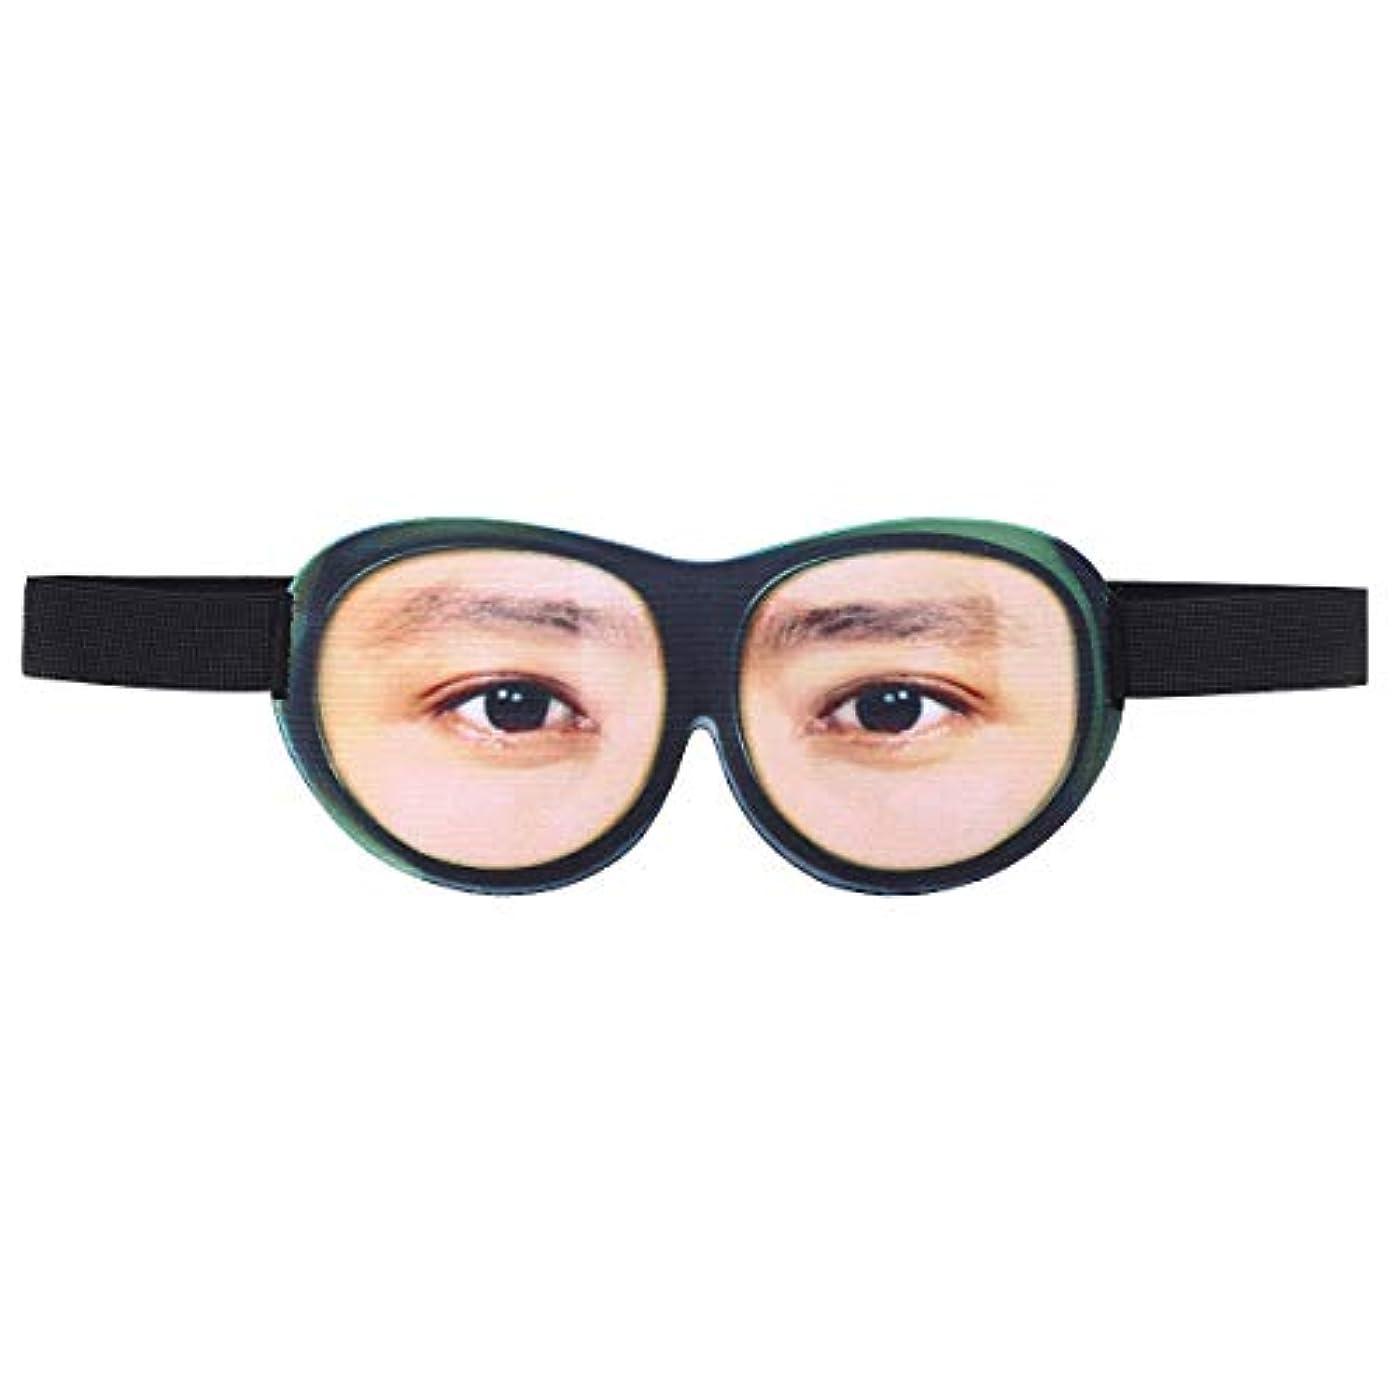 鉛胴体交換可能SUPVOX 男性と女性のための3D面白い睡眠マスク通気性目隠しアイマスク旅行睡眠マスク